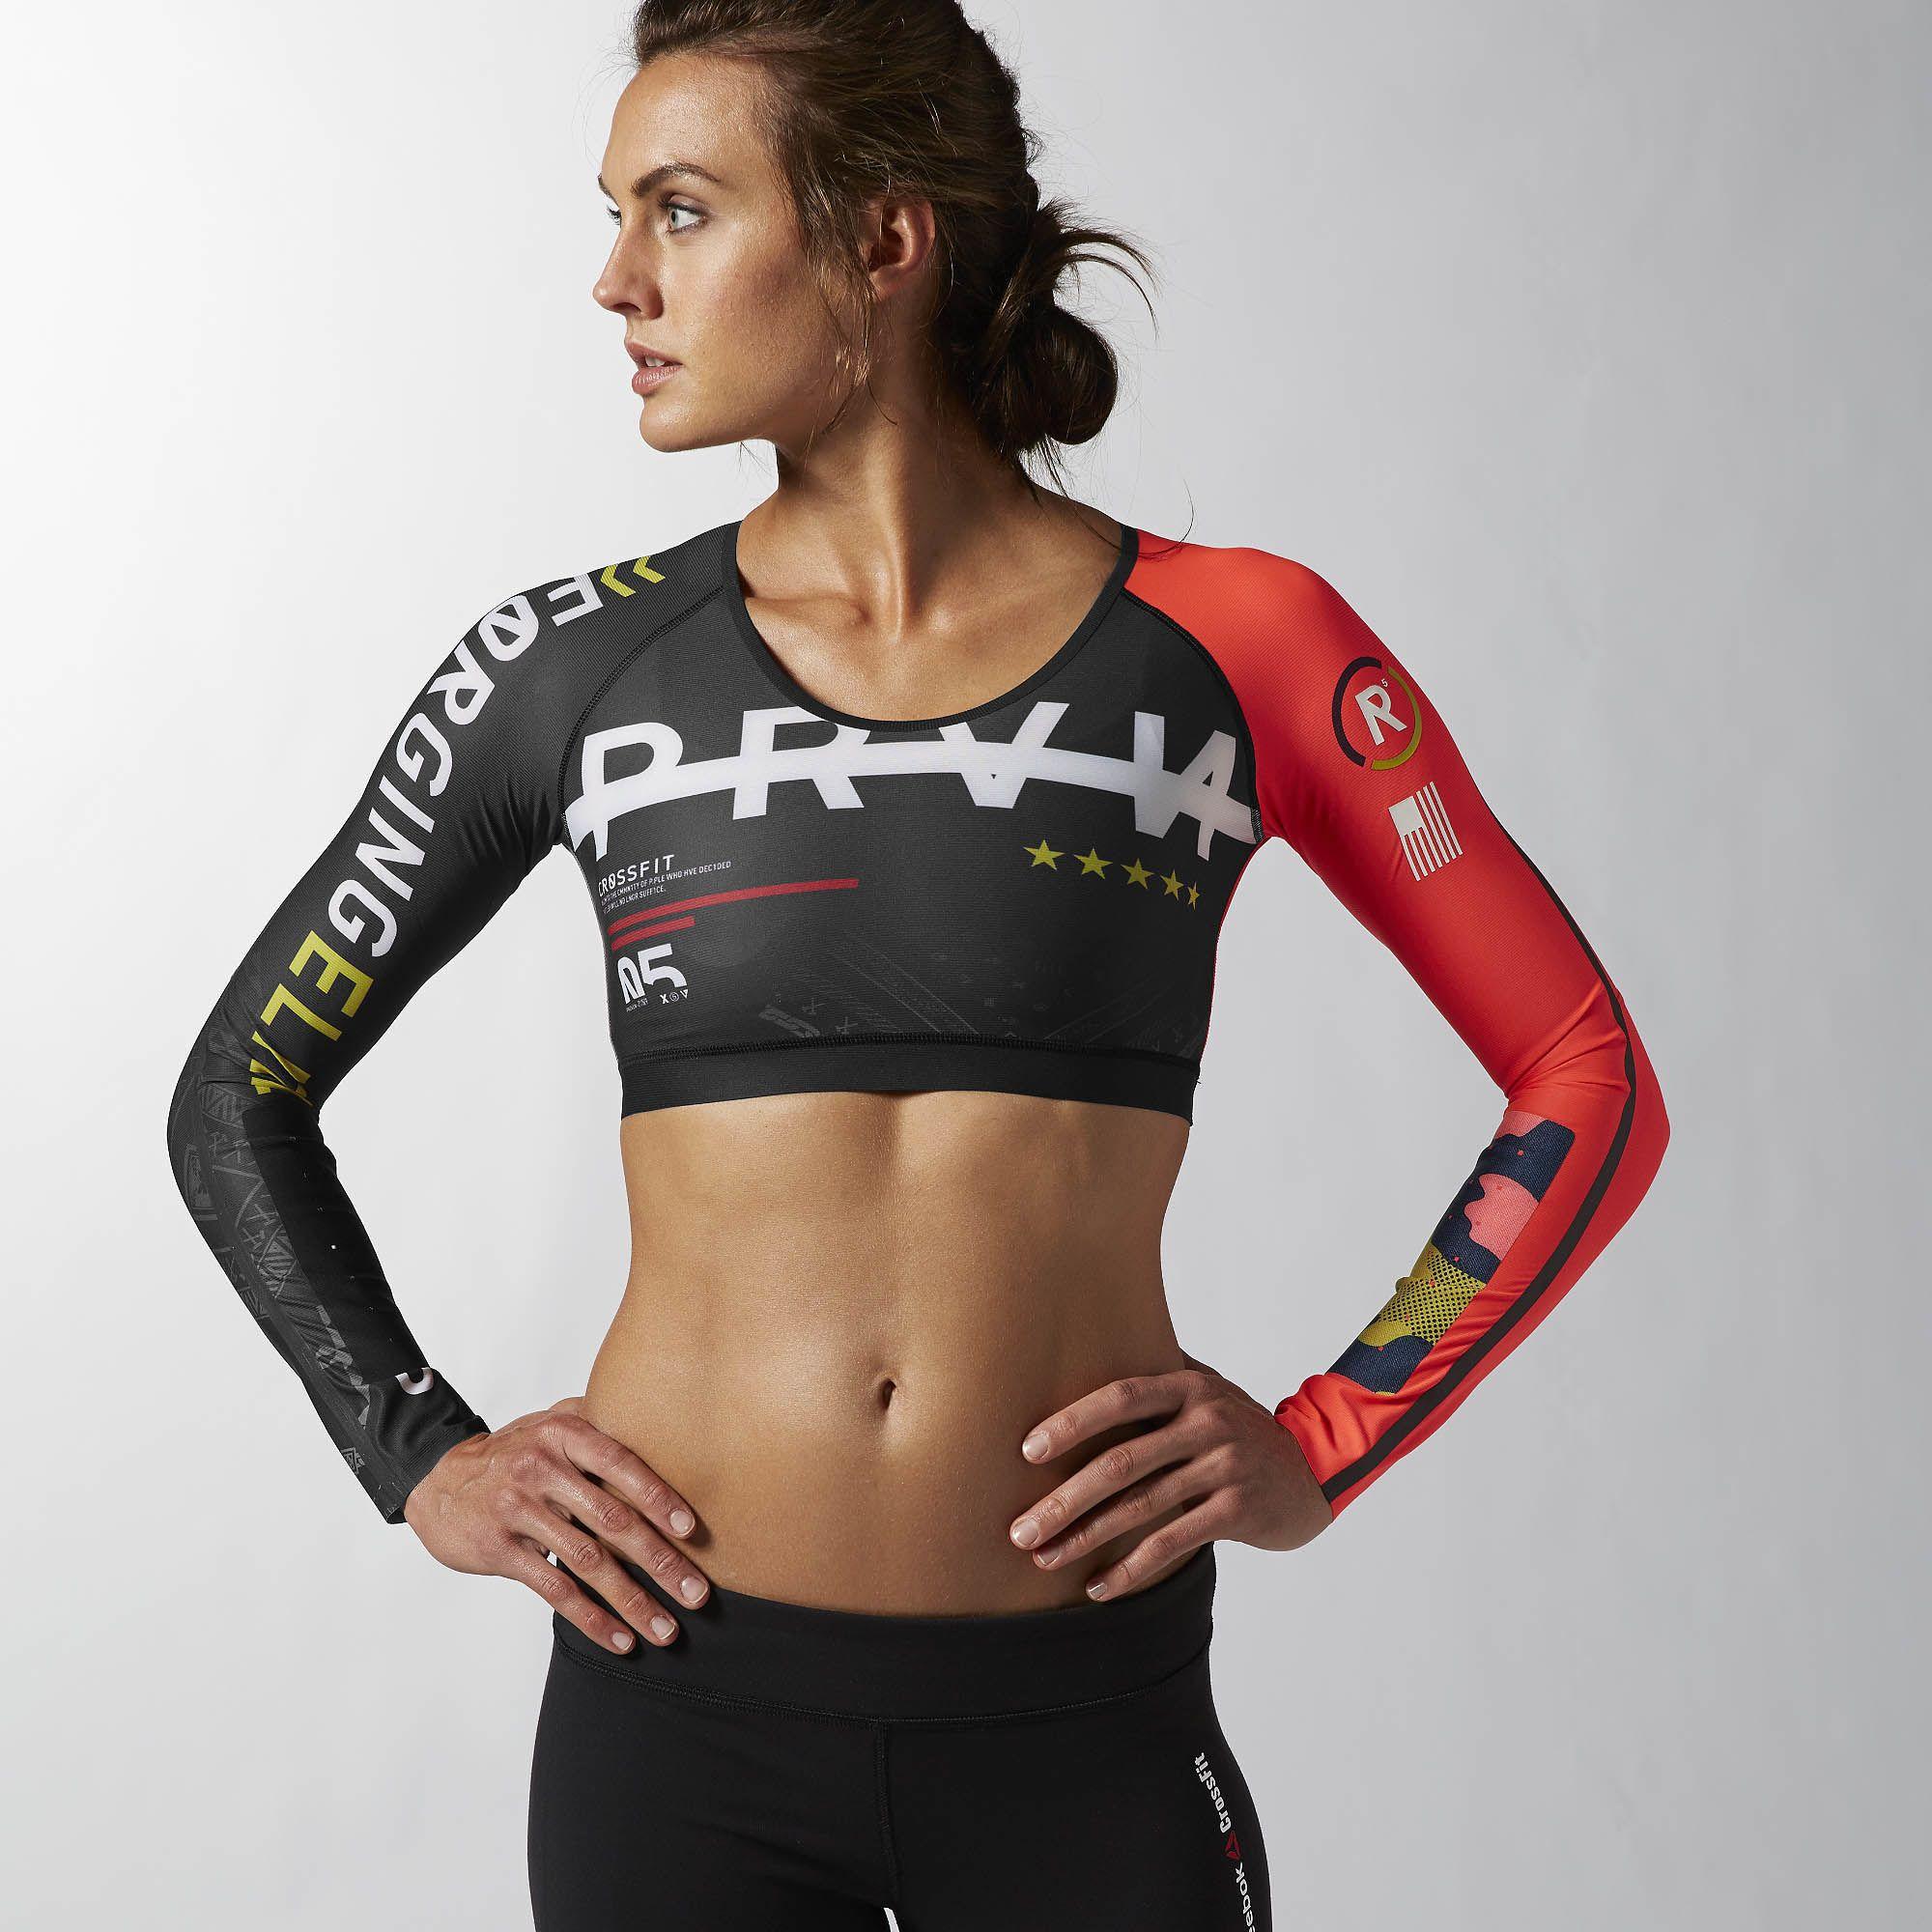 Одежда для спортзала женская